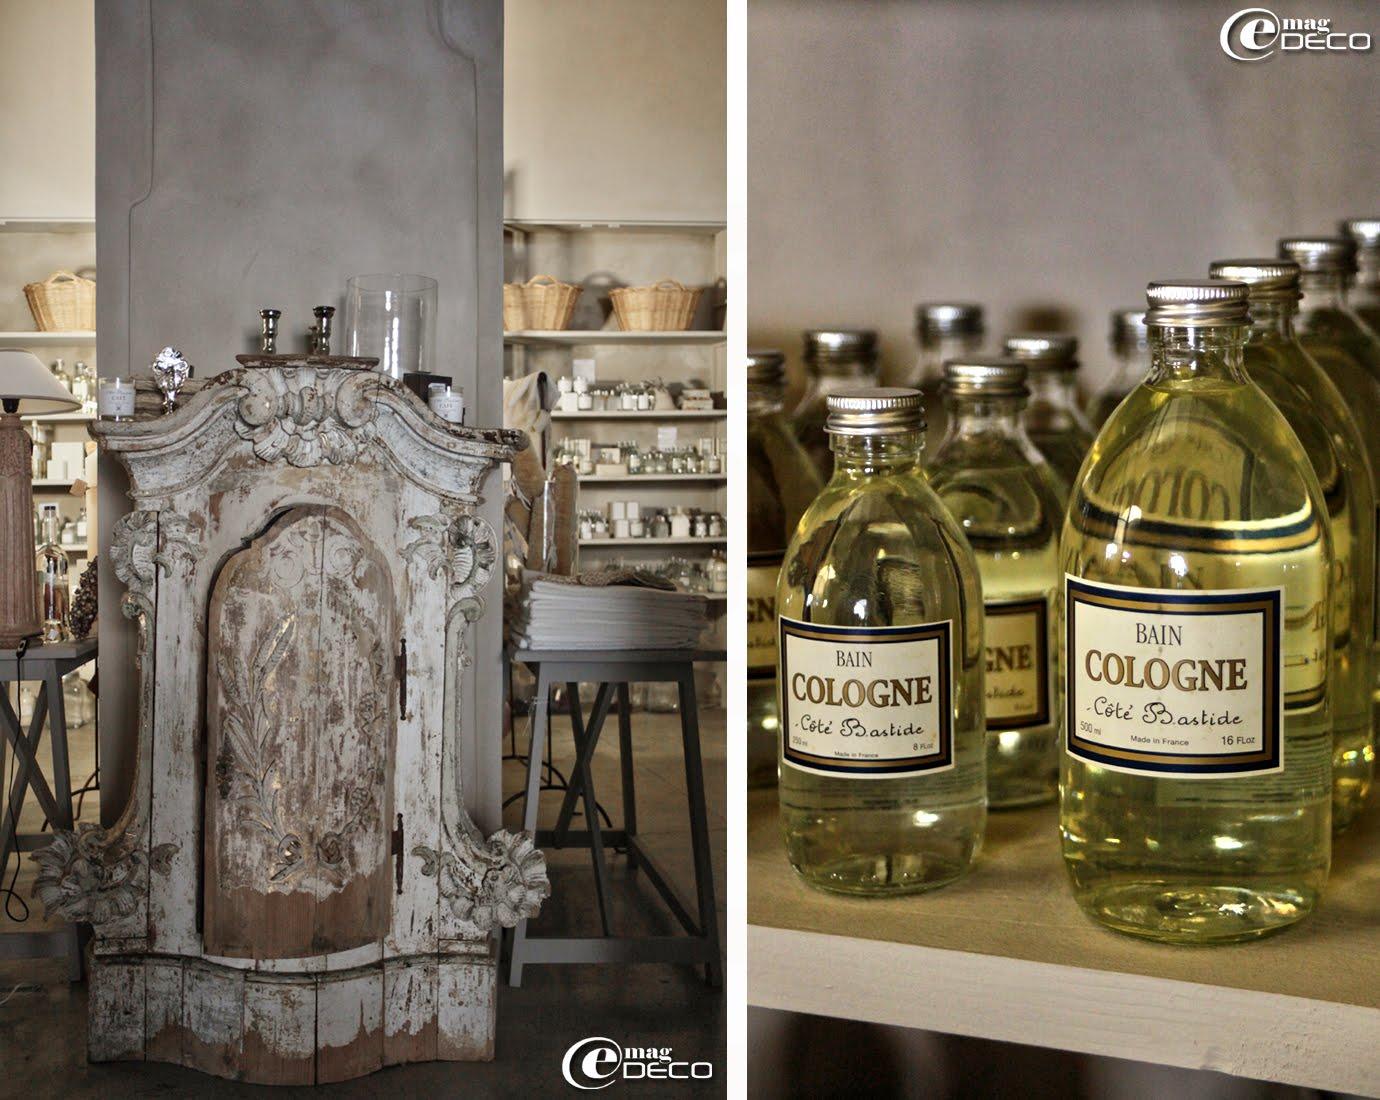 Un ancien tabernacle d'église sert de présentoir pour des bougies parfumées et des bougeoirs mercurisés de la marque Côté Bastide